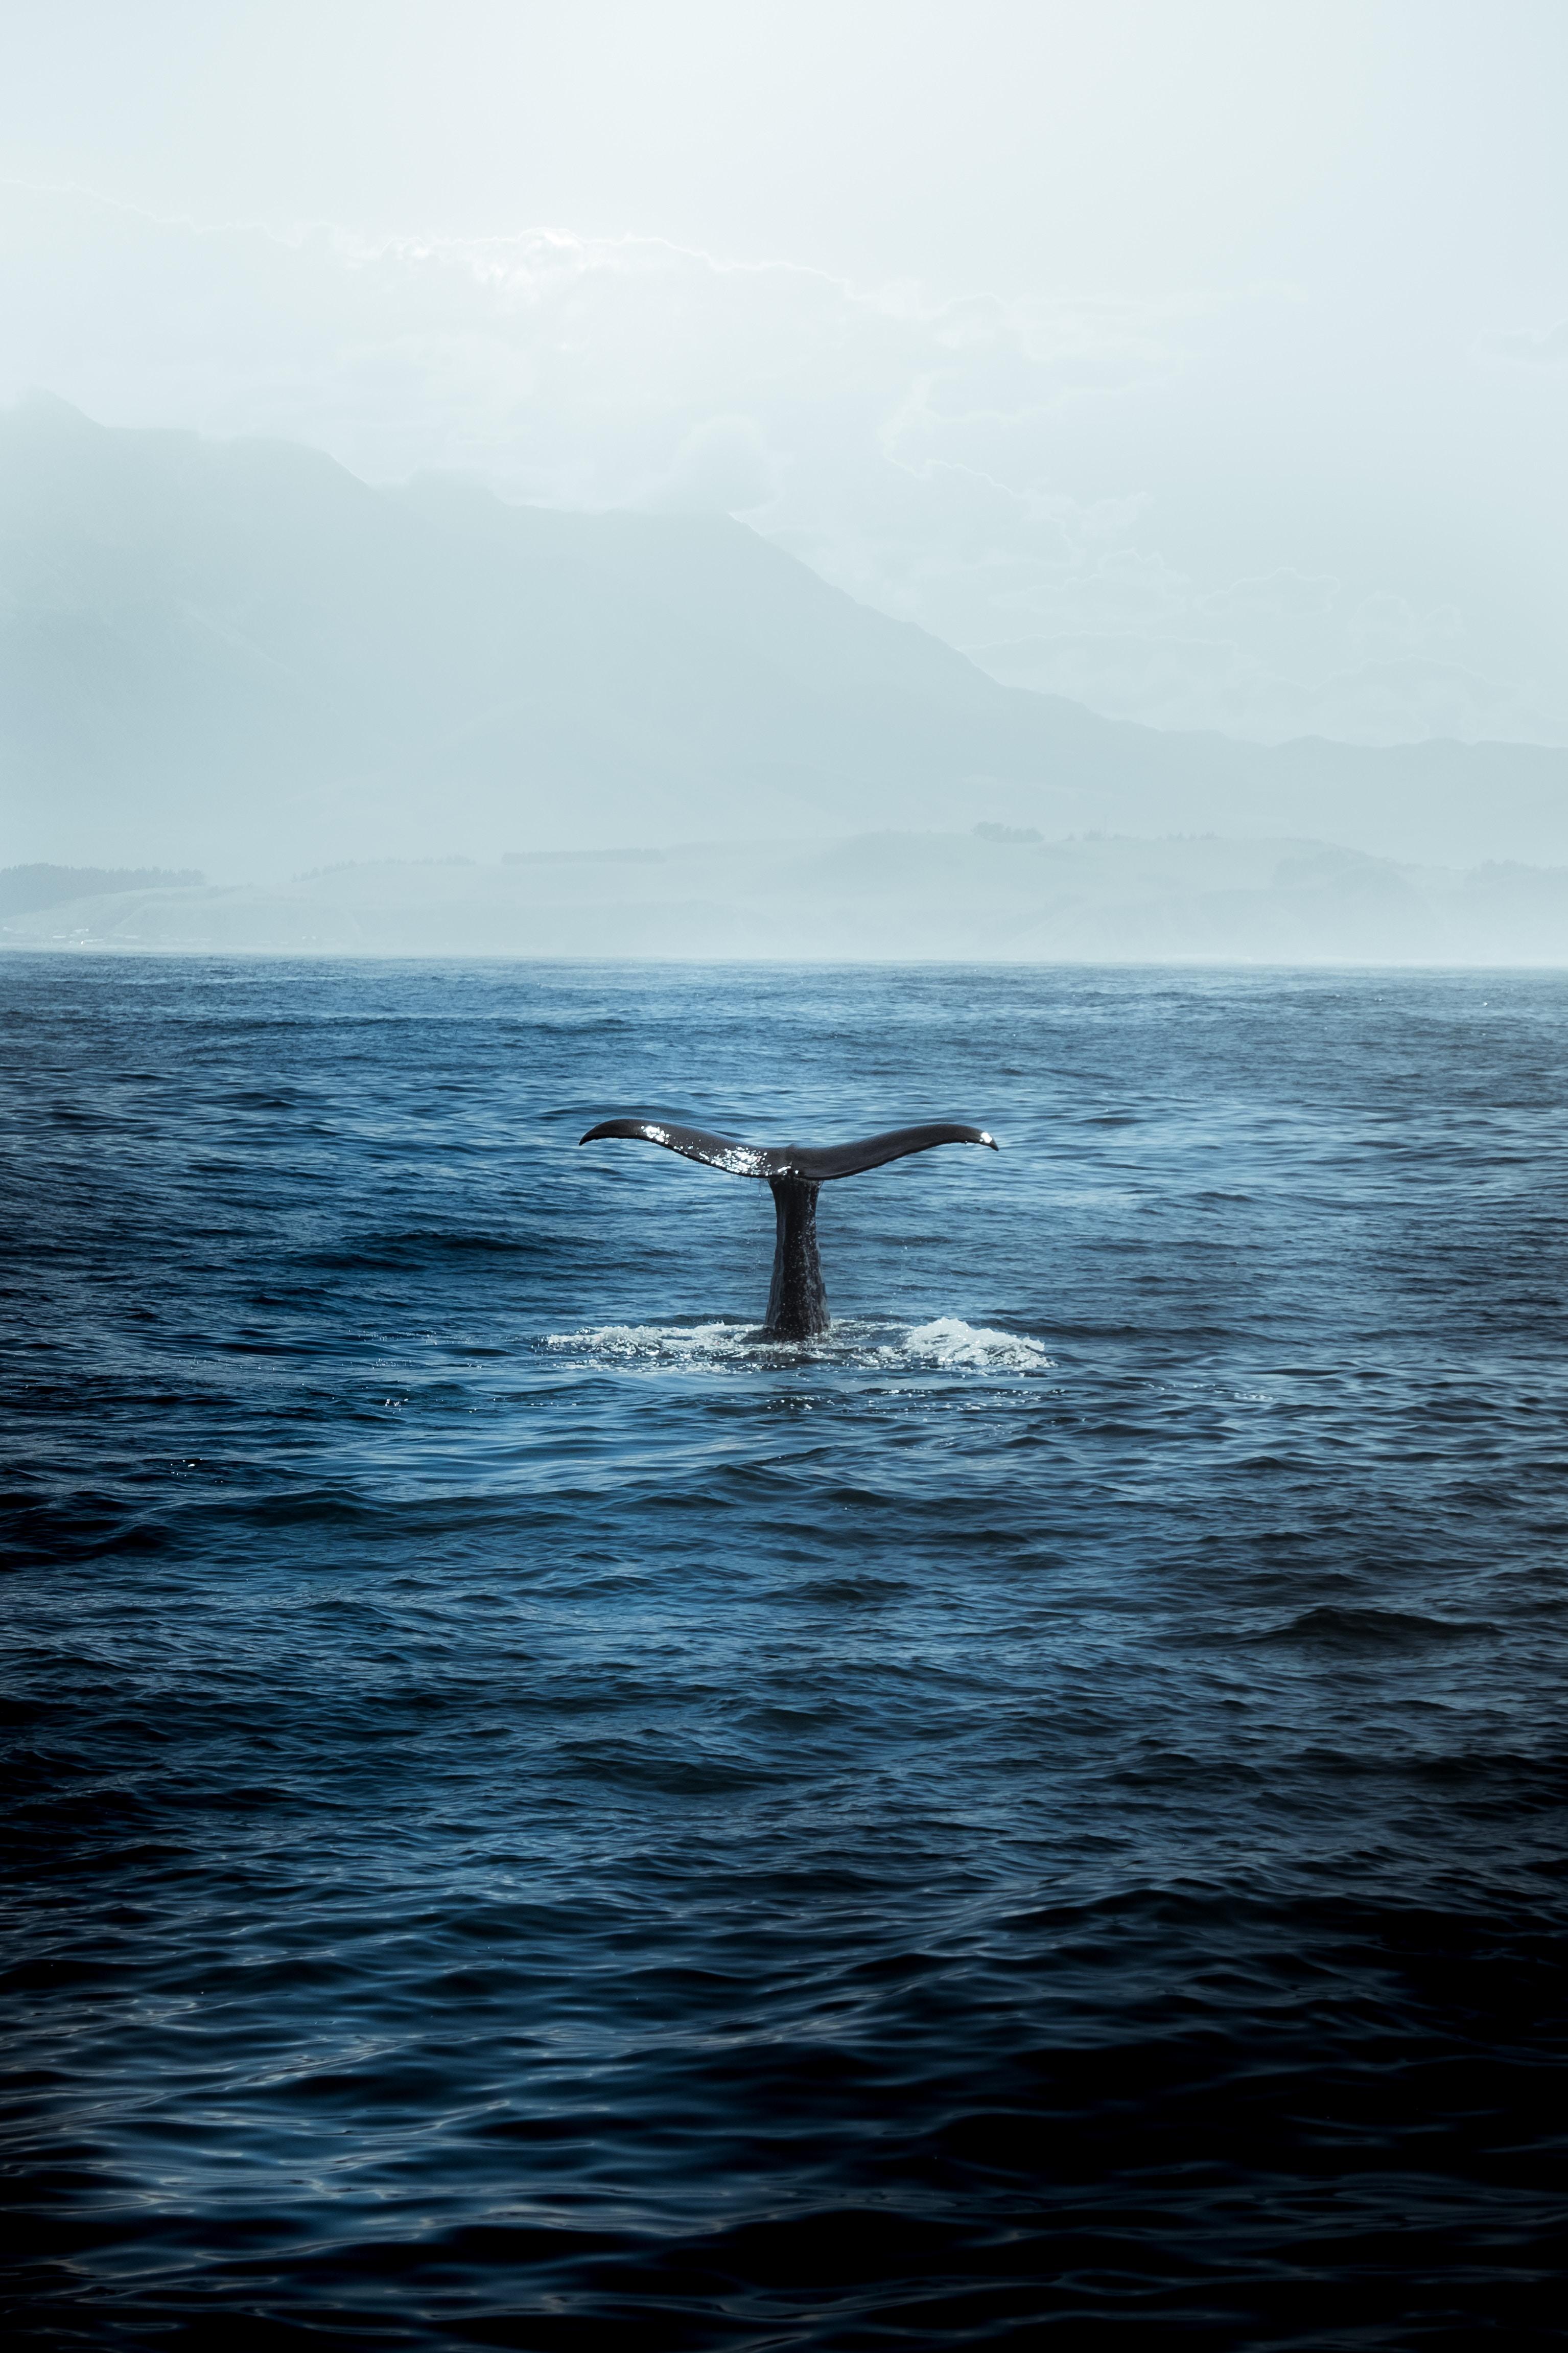 무쓸모의 쓸모 - 제니 데스몬드, <흰긴수염고래>